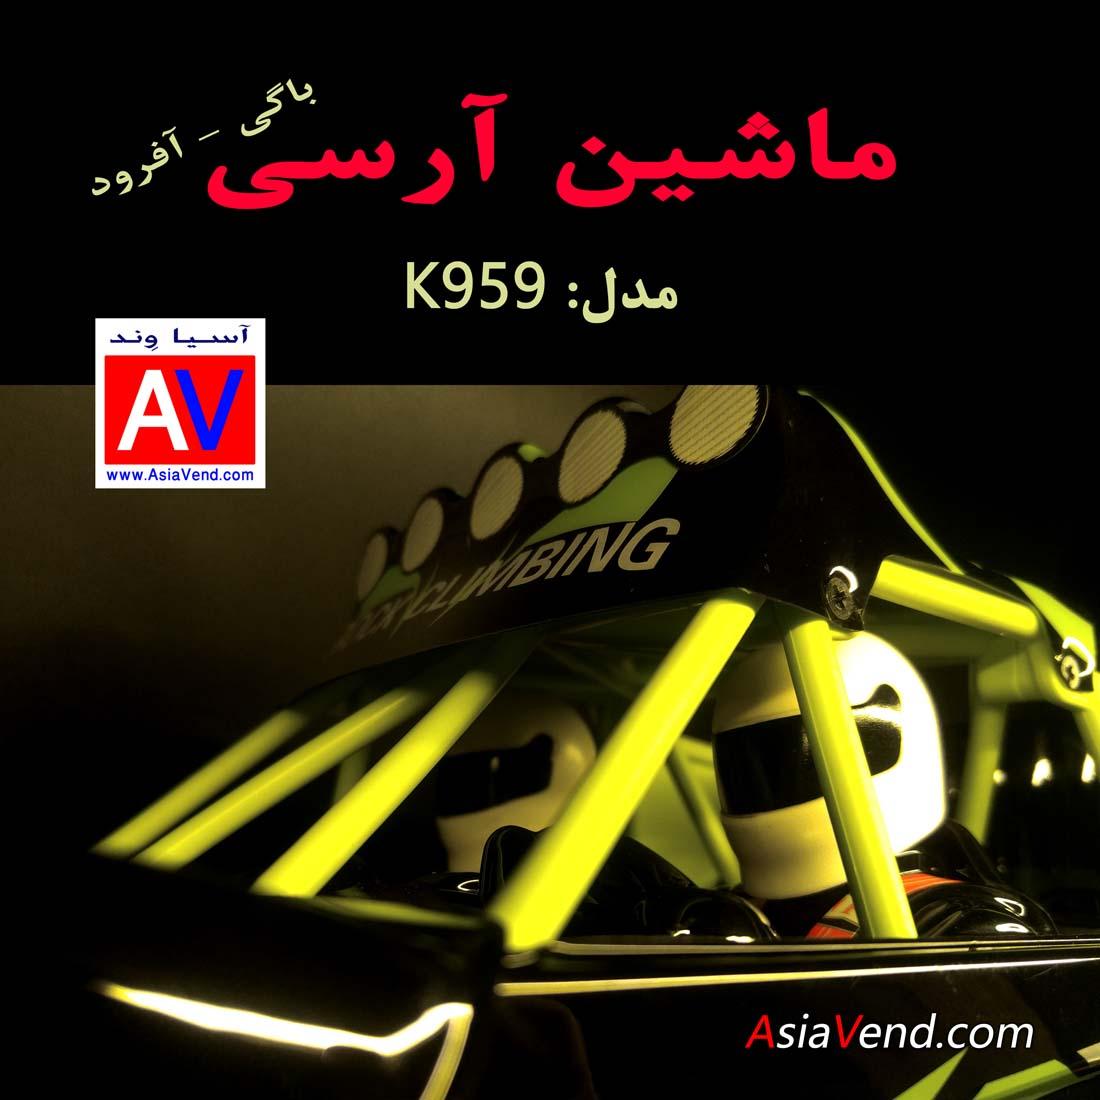 عکس ماشین کنترلی اسباب بازی ماشین رادیو کنترلی K959